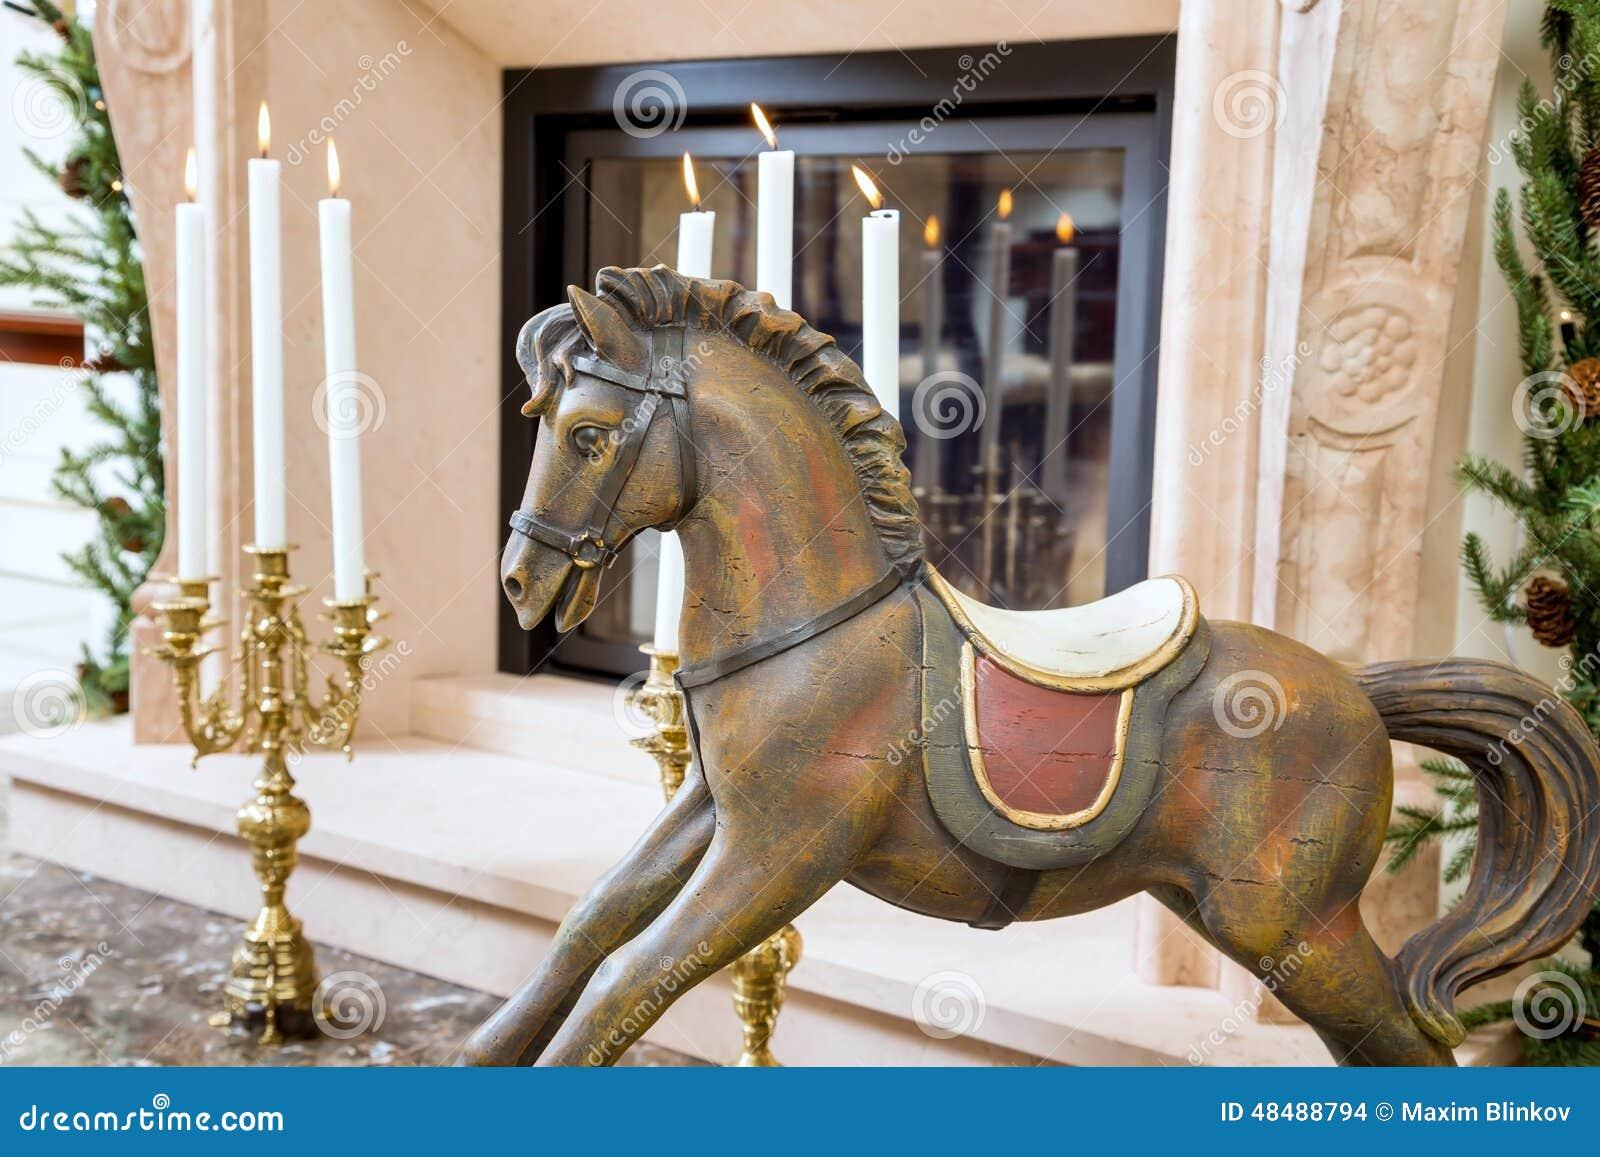 Cavallo A Dondolo In Legno.Vecchio Cavallo A Dondolo Di Legno Vicino Al Camino Fotografia Stock